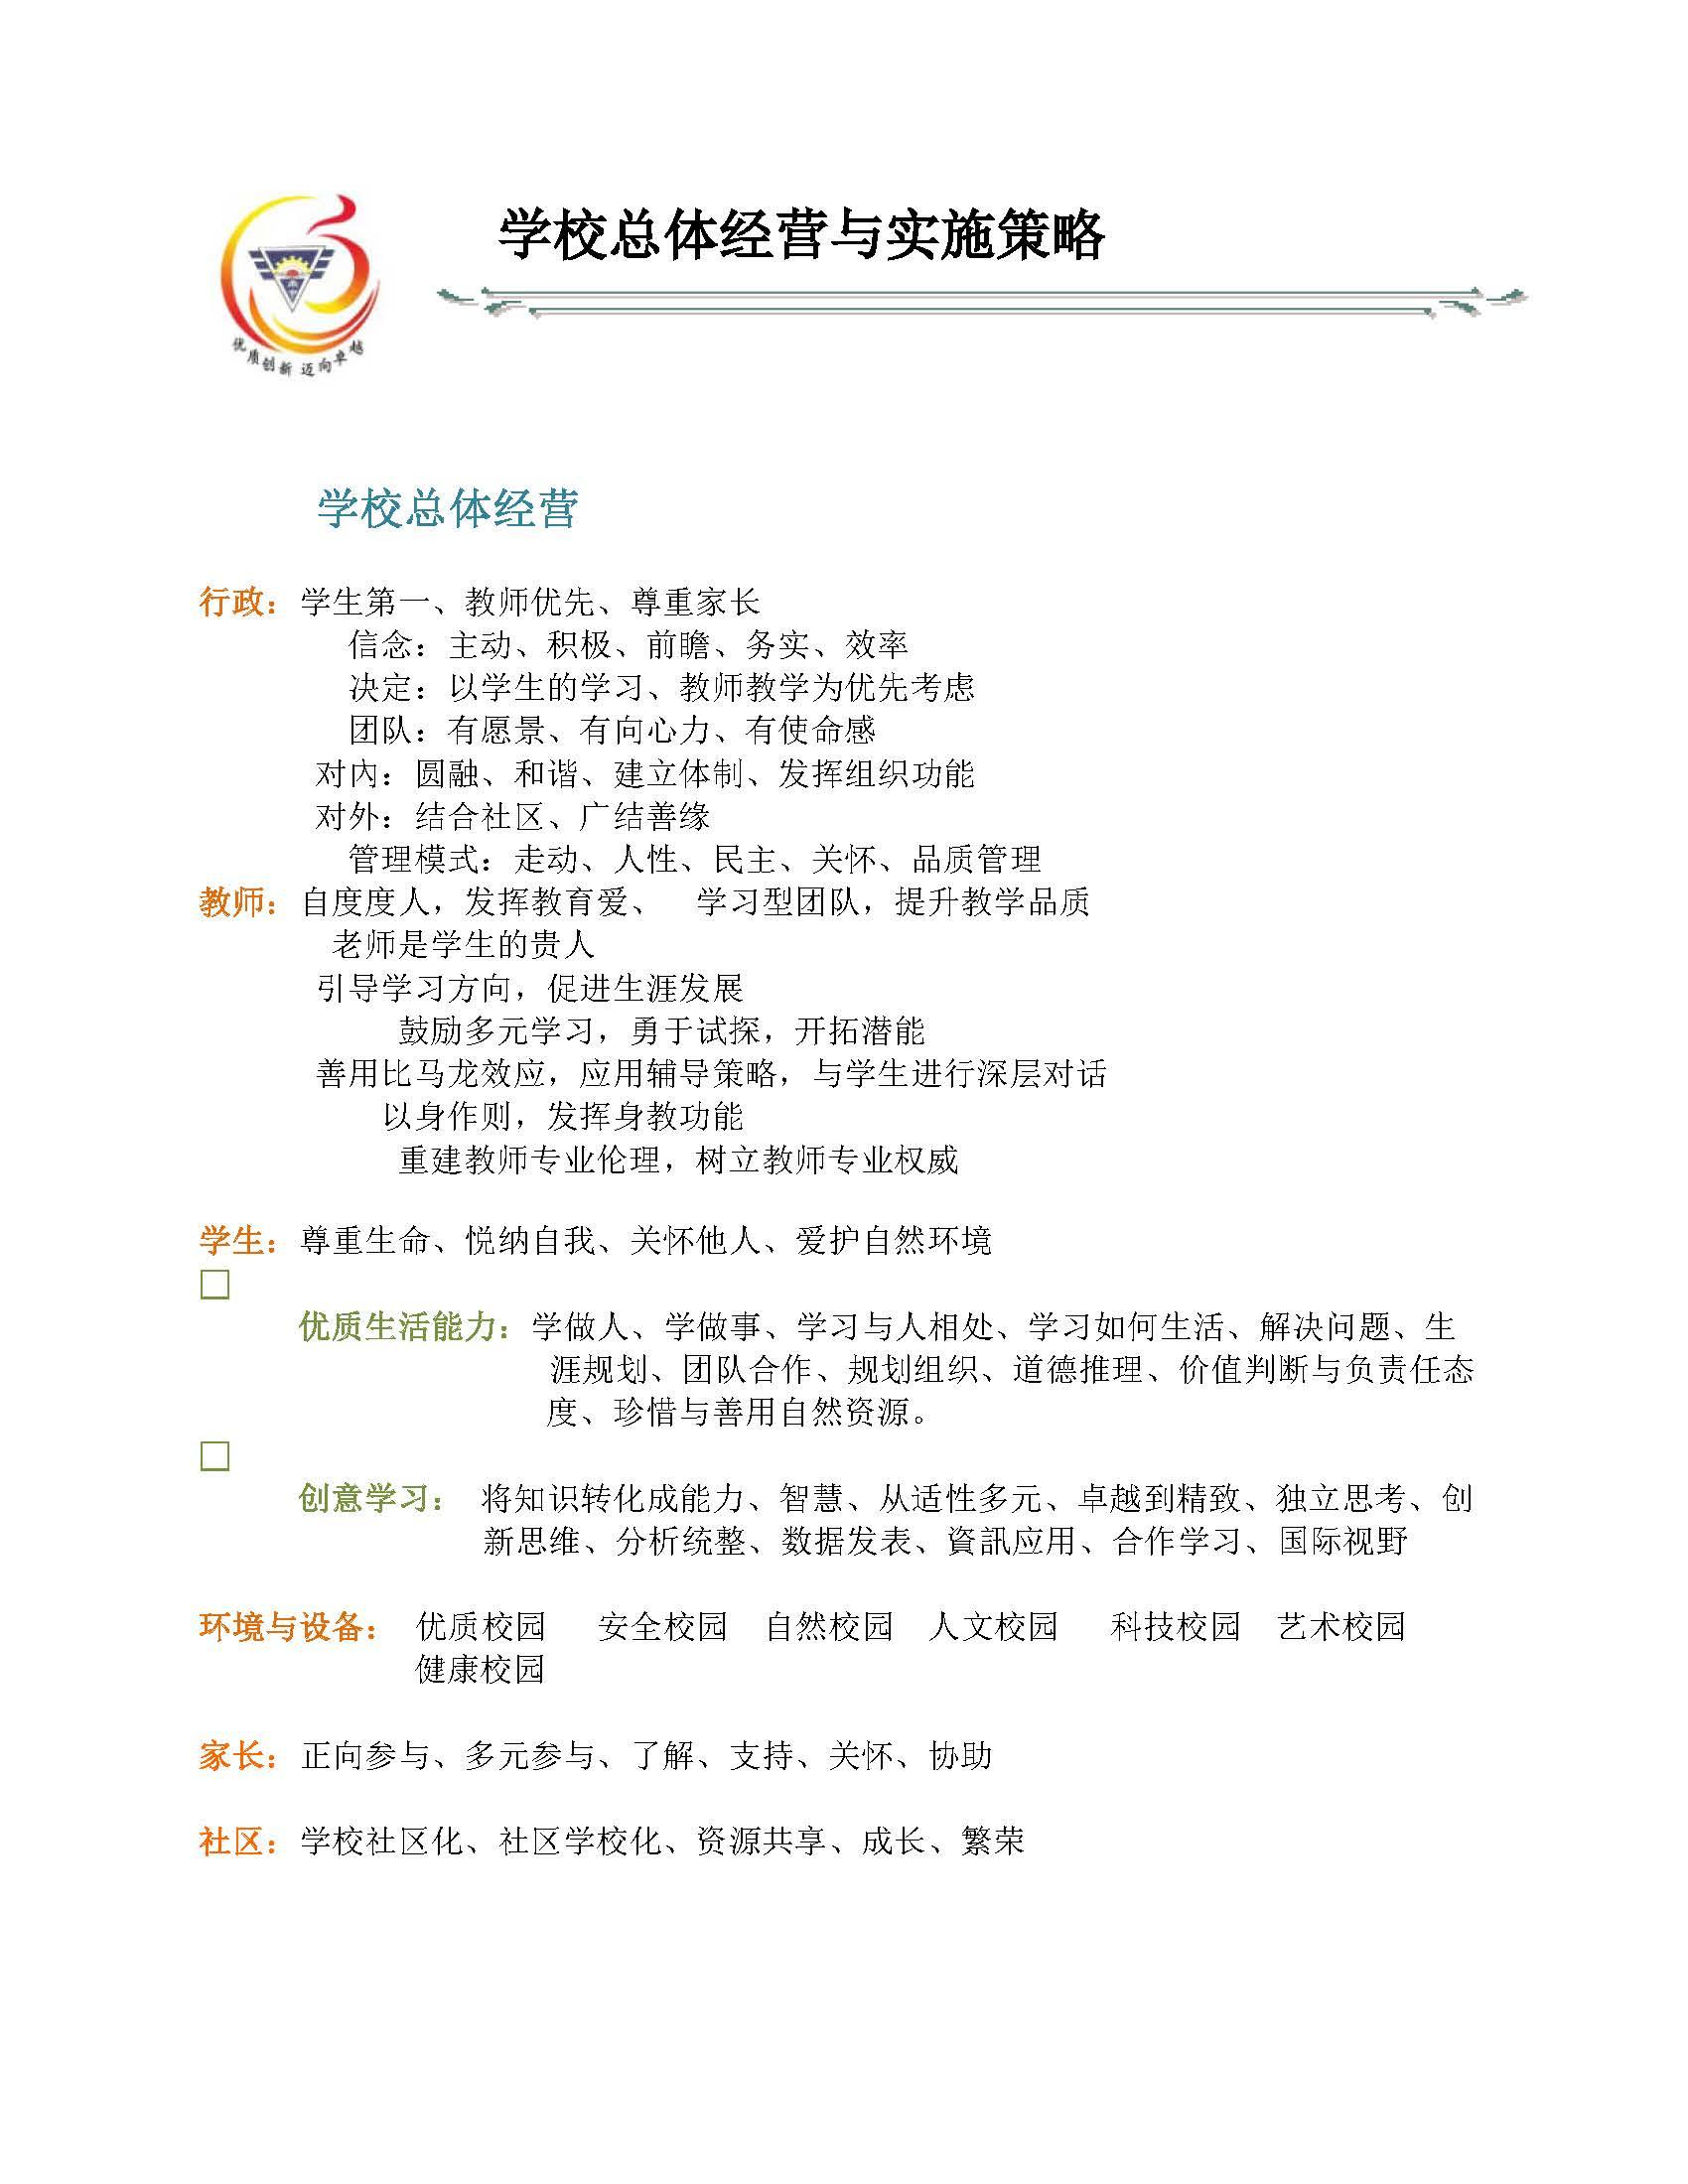 学校总体经营与实施策略-初稿_Page_1